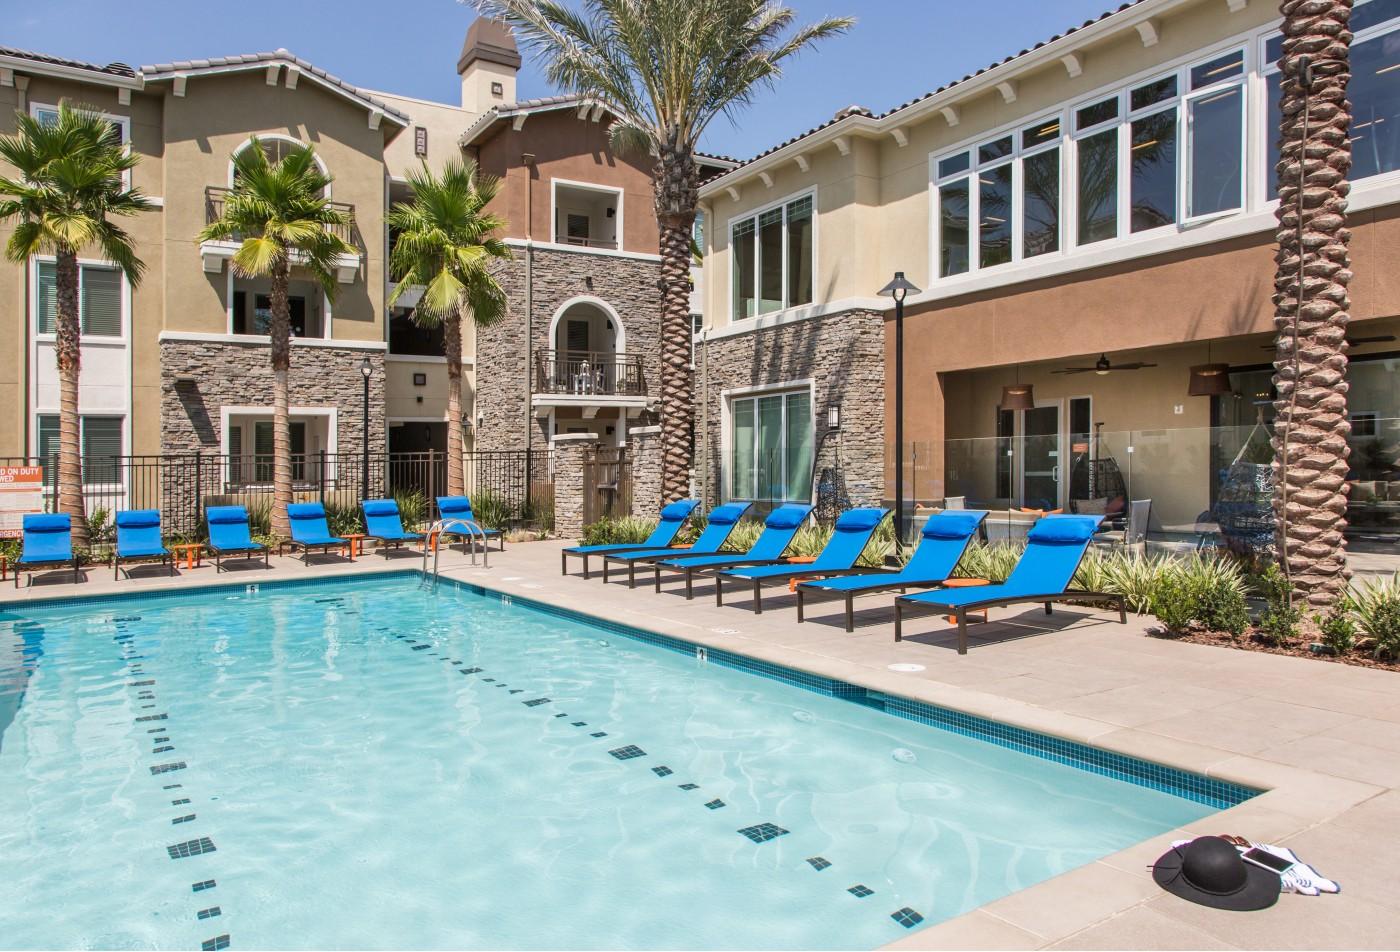 Pool at Valentia Apartment Homes in La Habra, CA